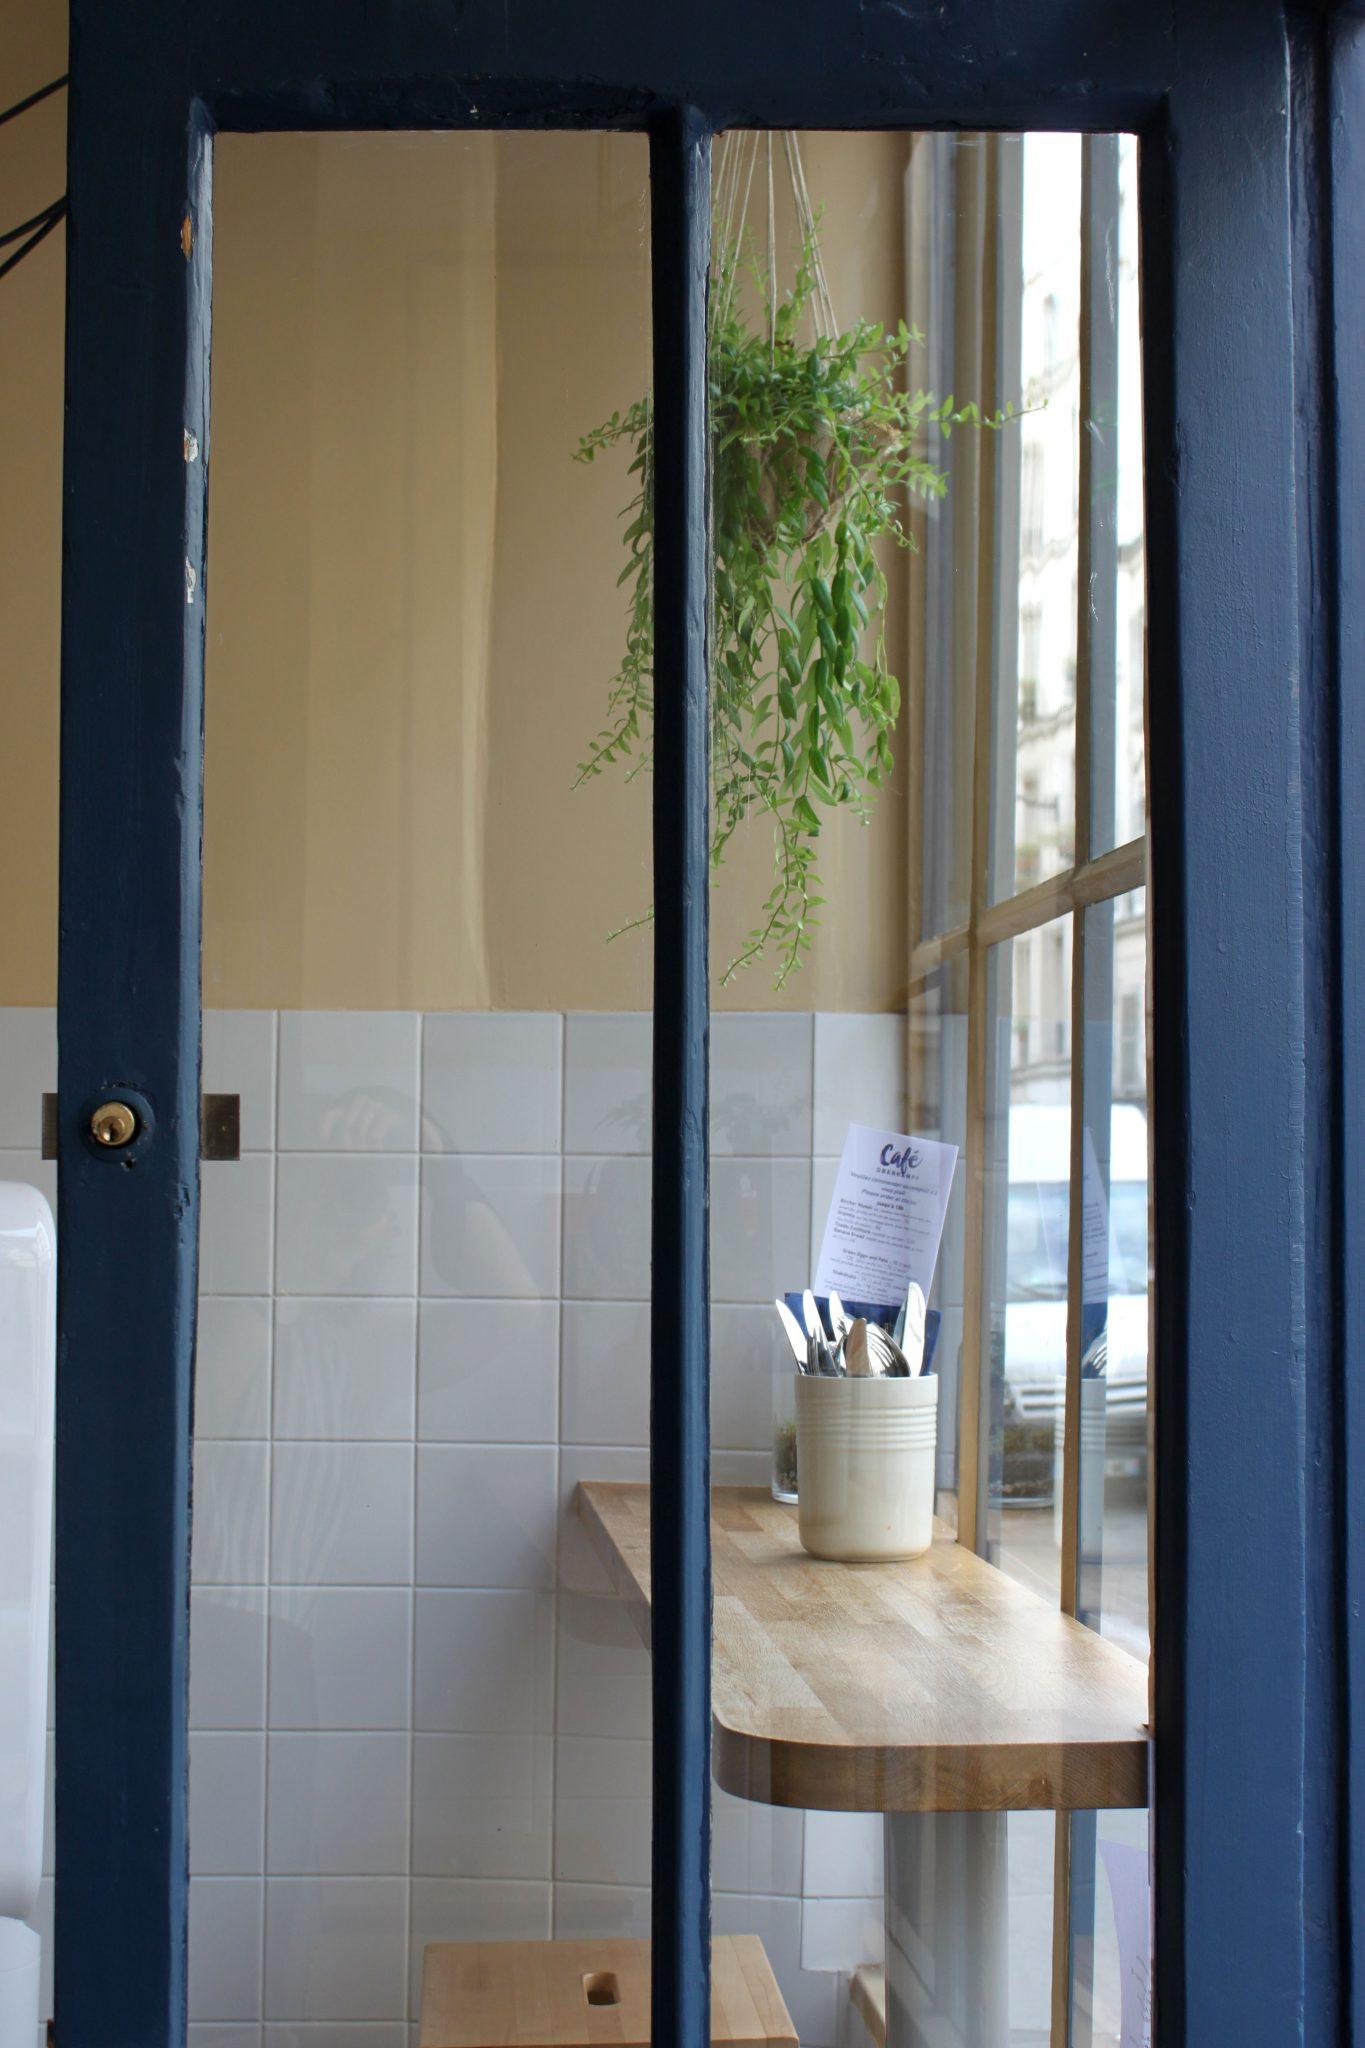 Café Oberkampf -puerta